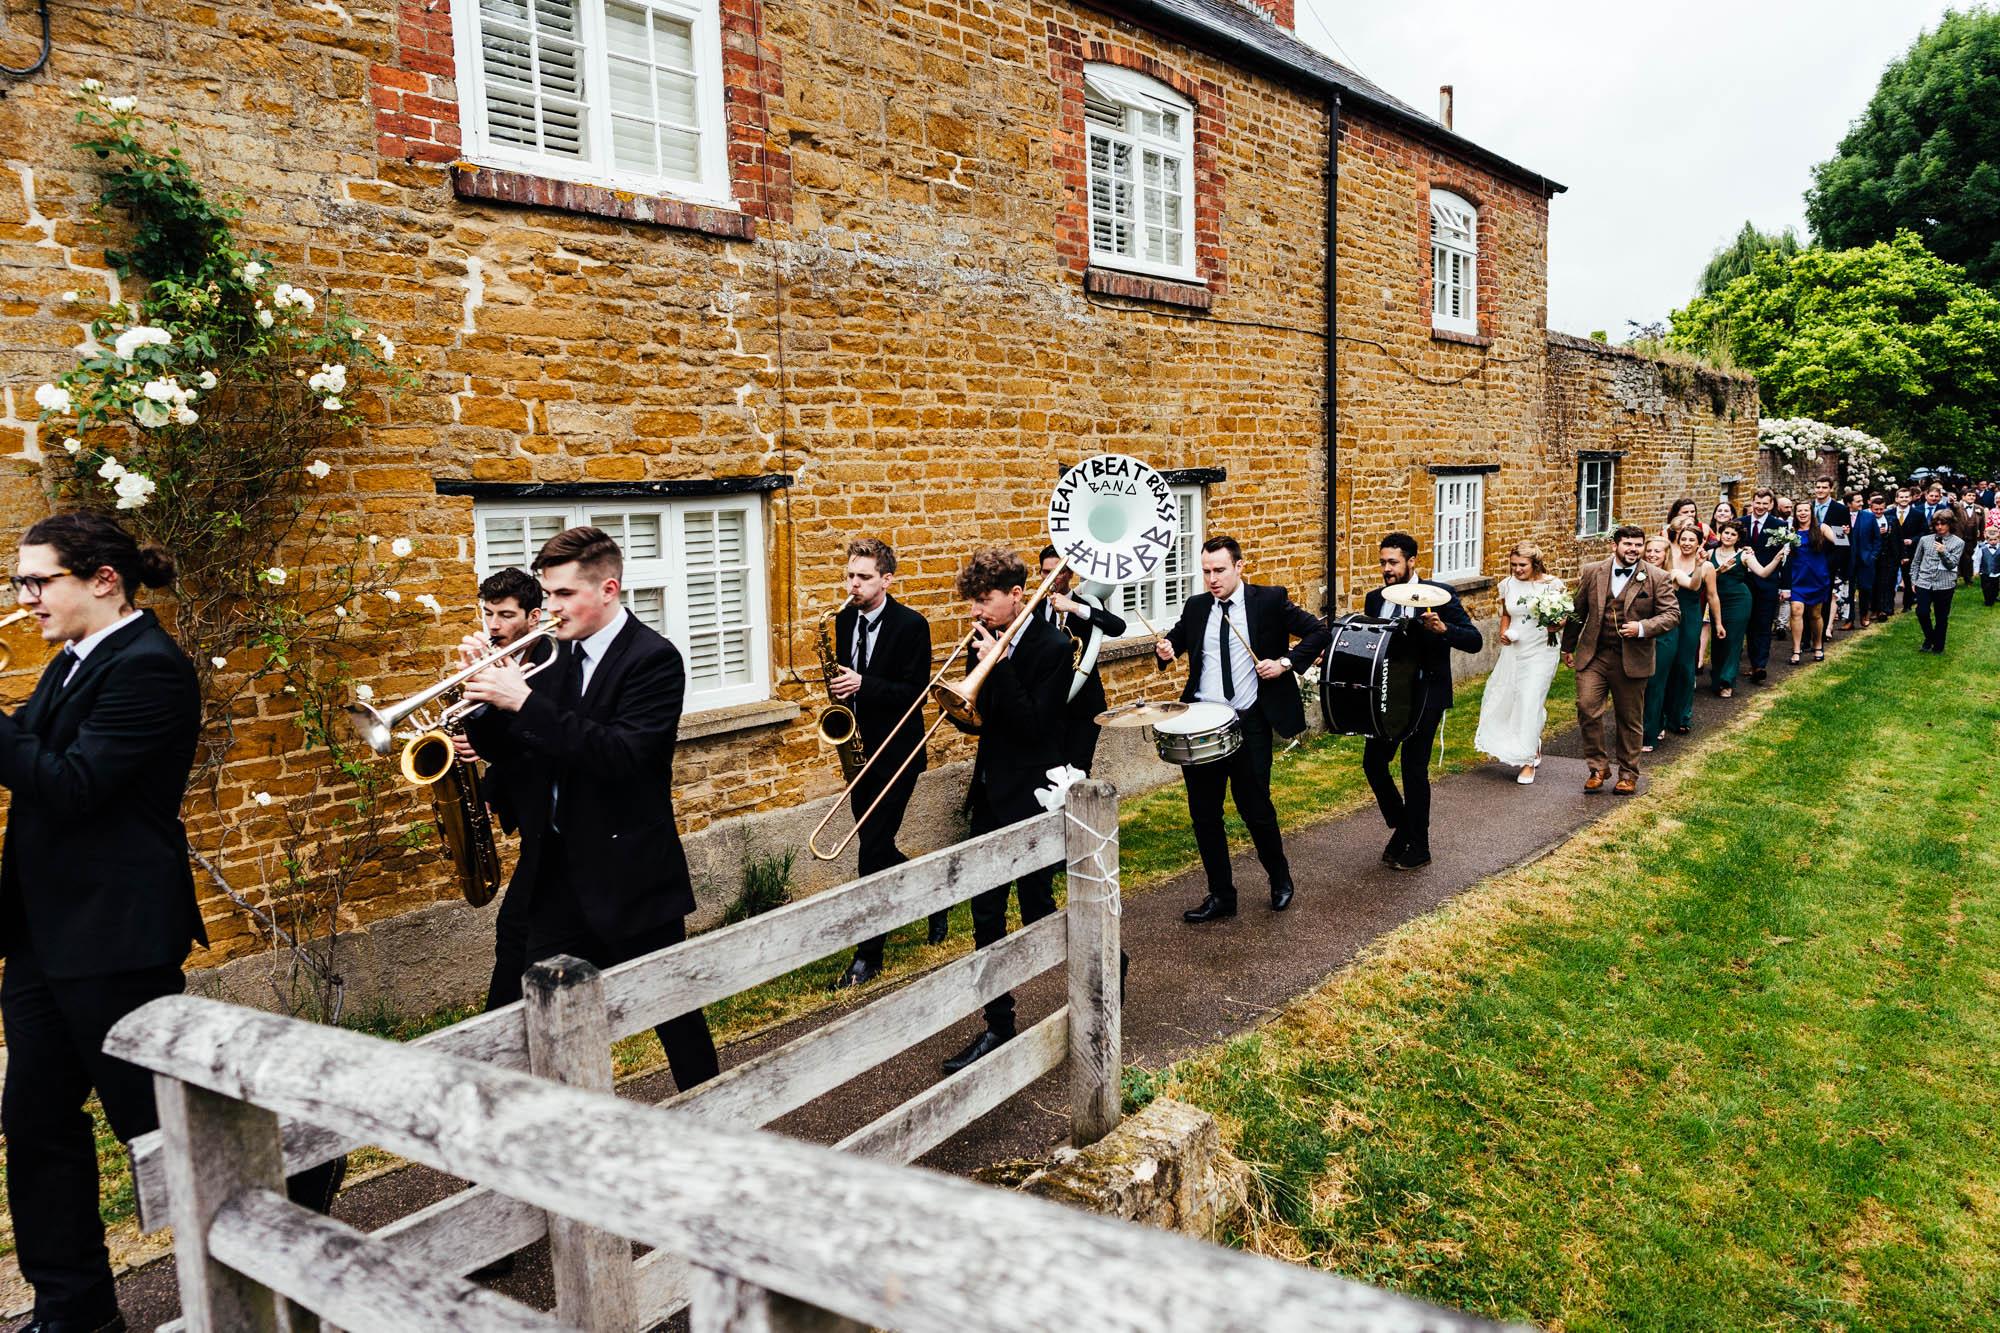 village-fete-wedding-38